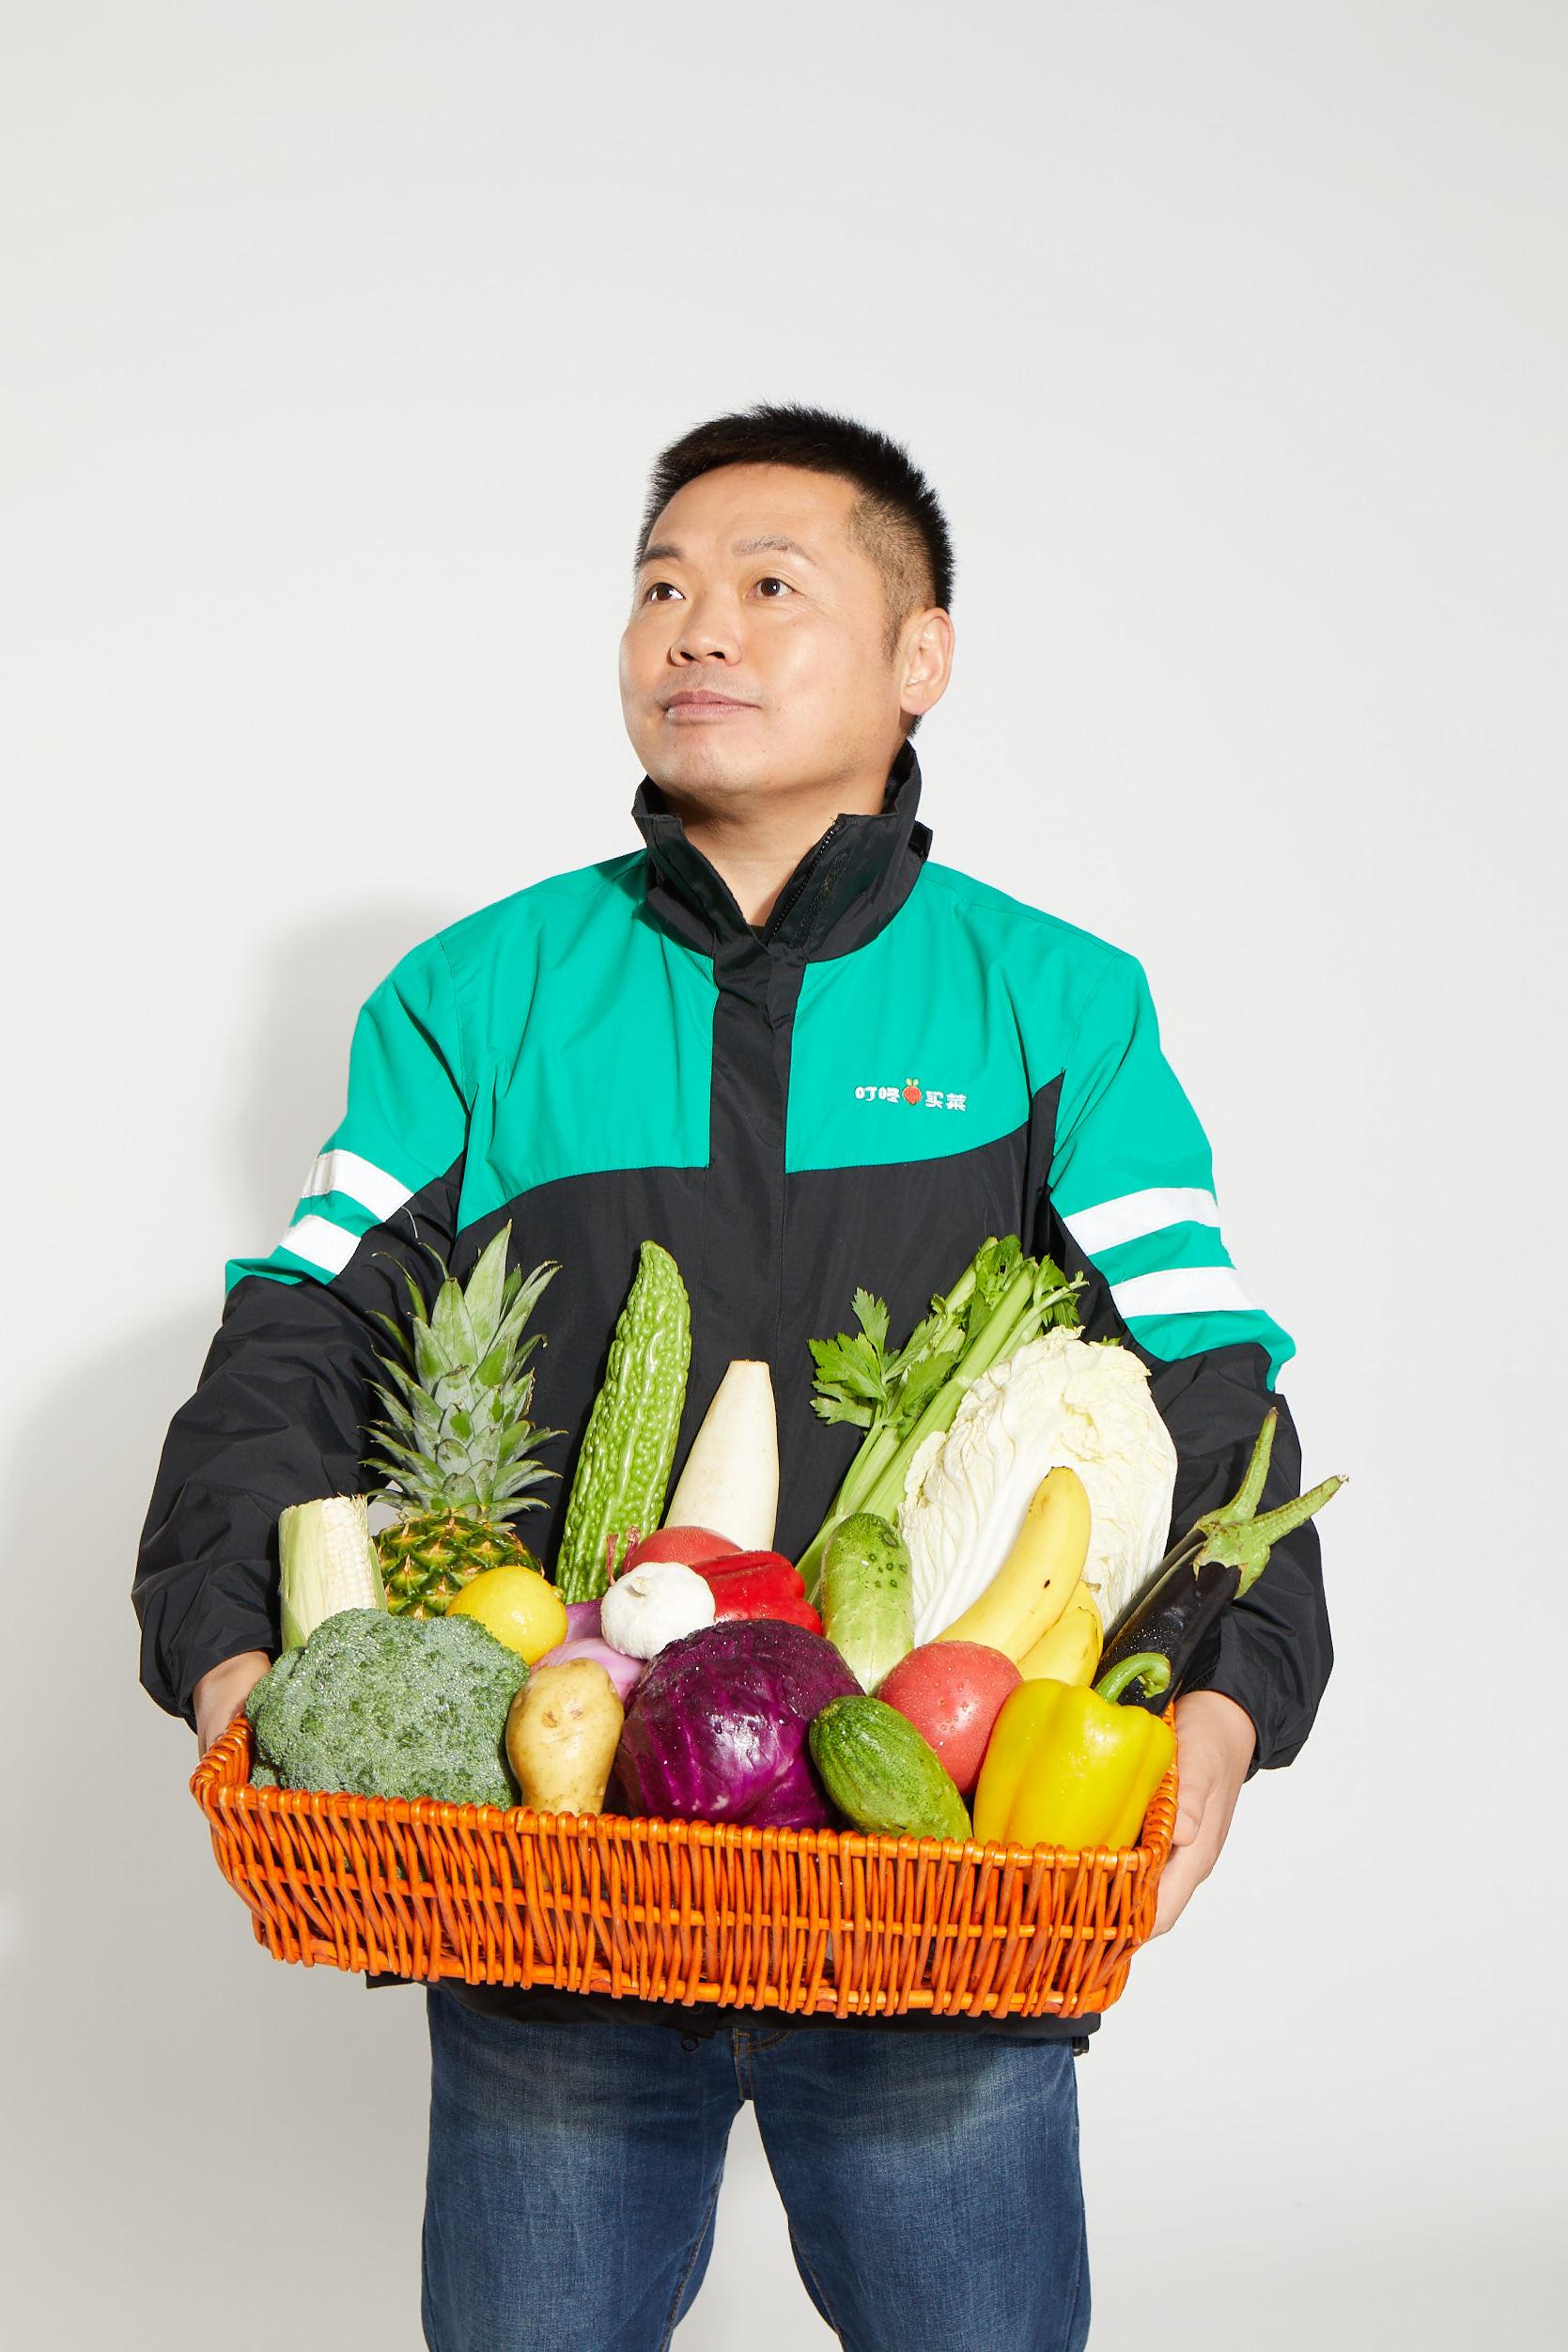 叮咚买菜创始人、CEO梁昌霖